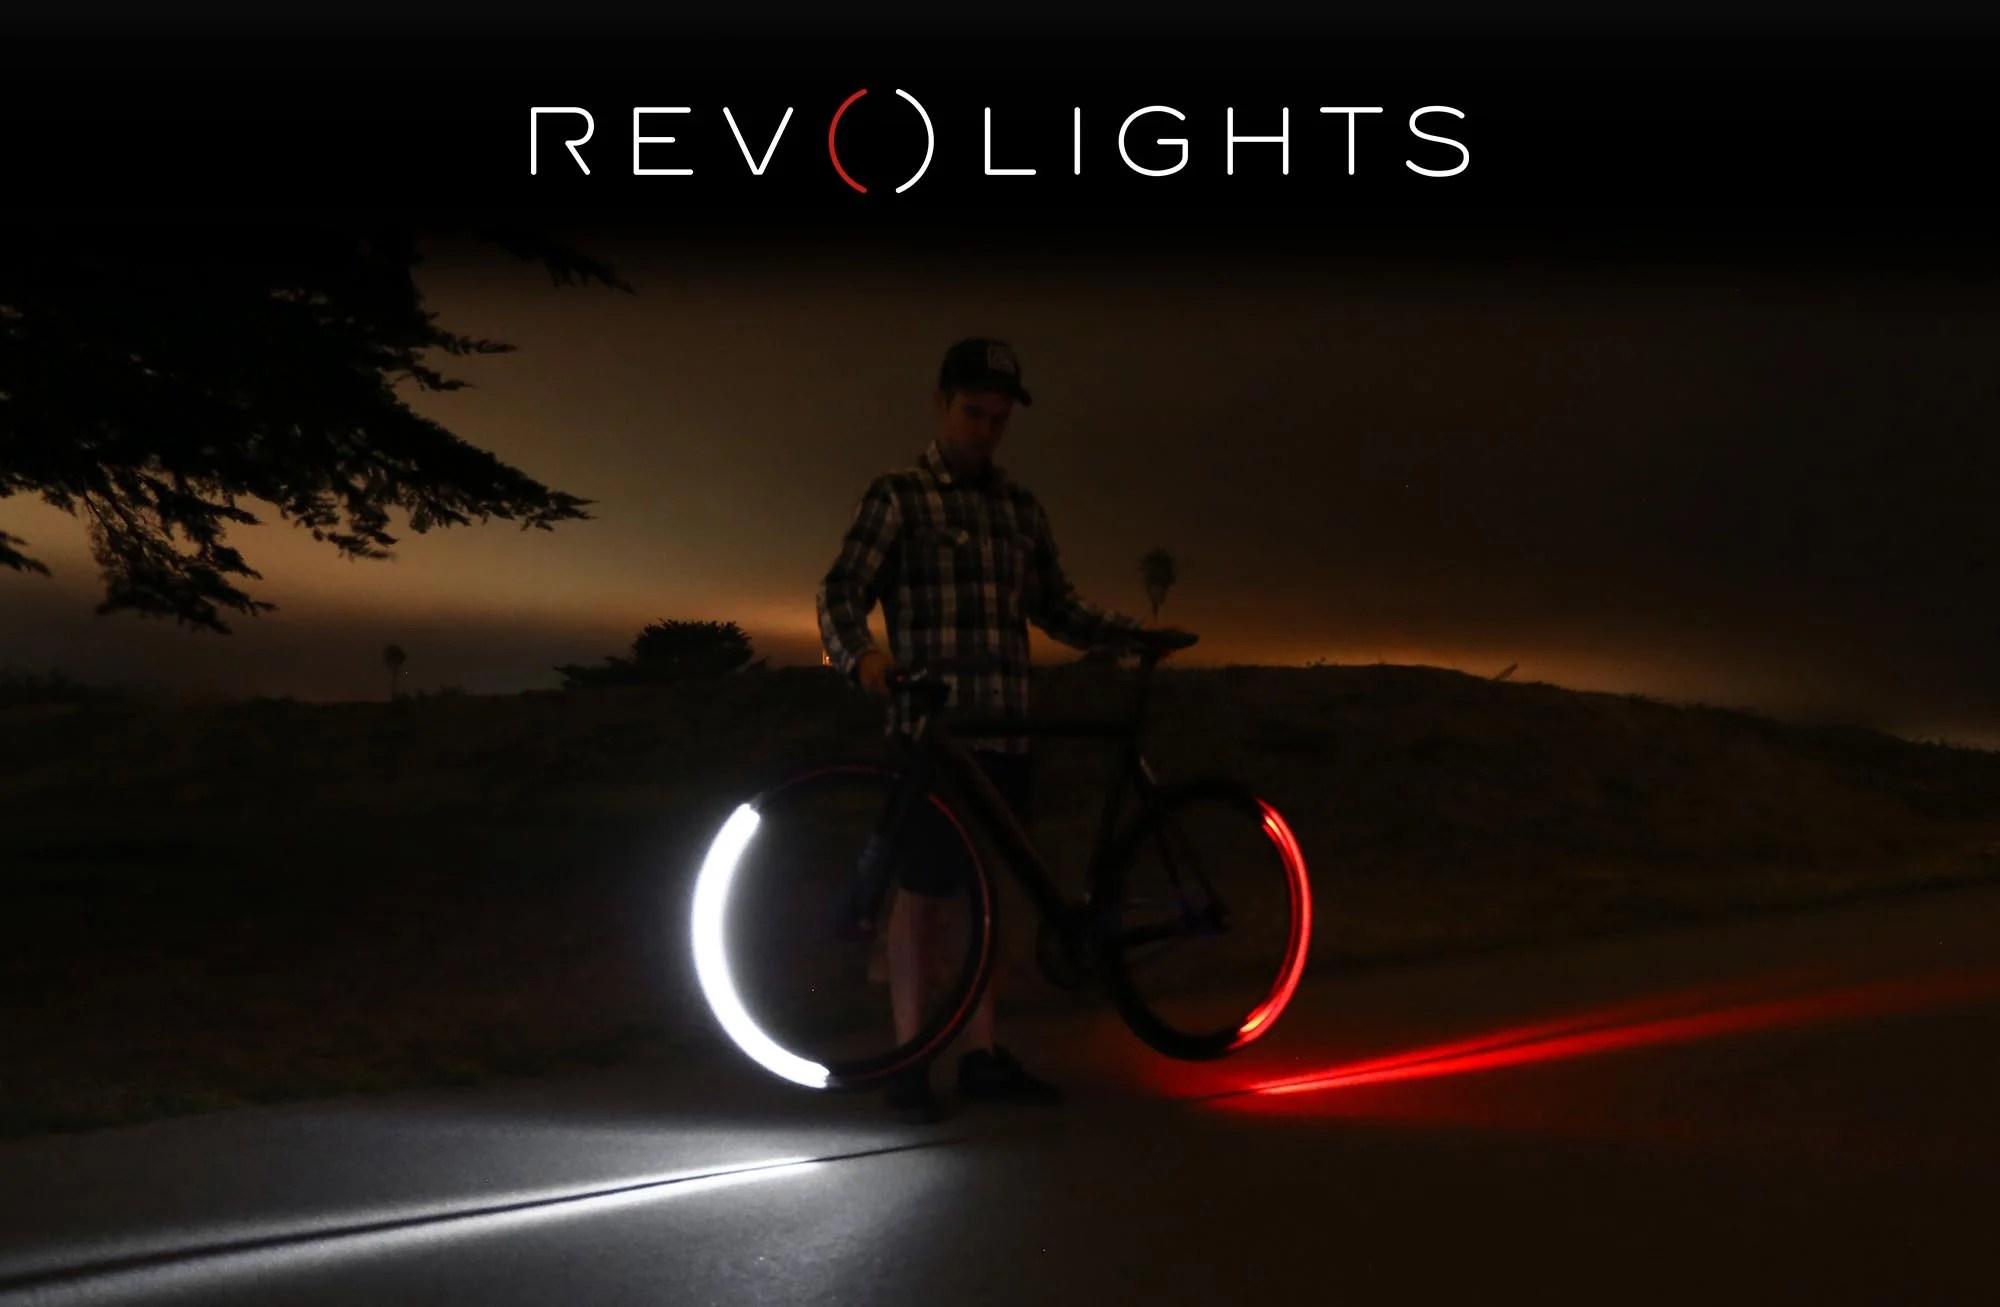 Revolightscom  Customer Reviews